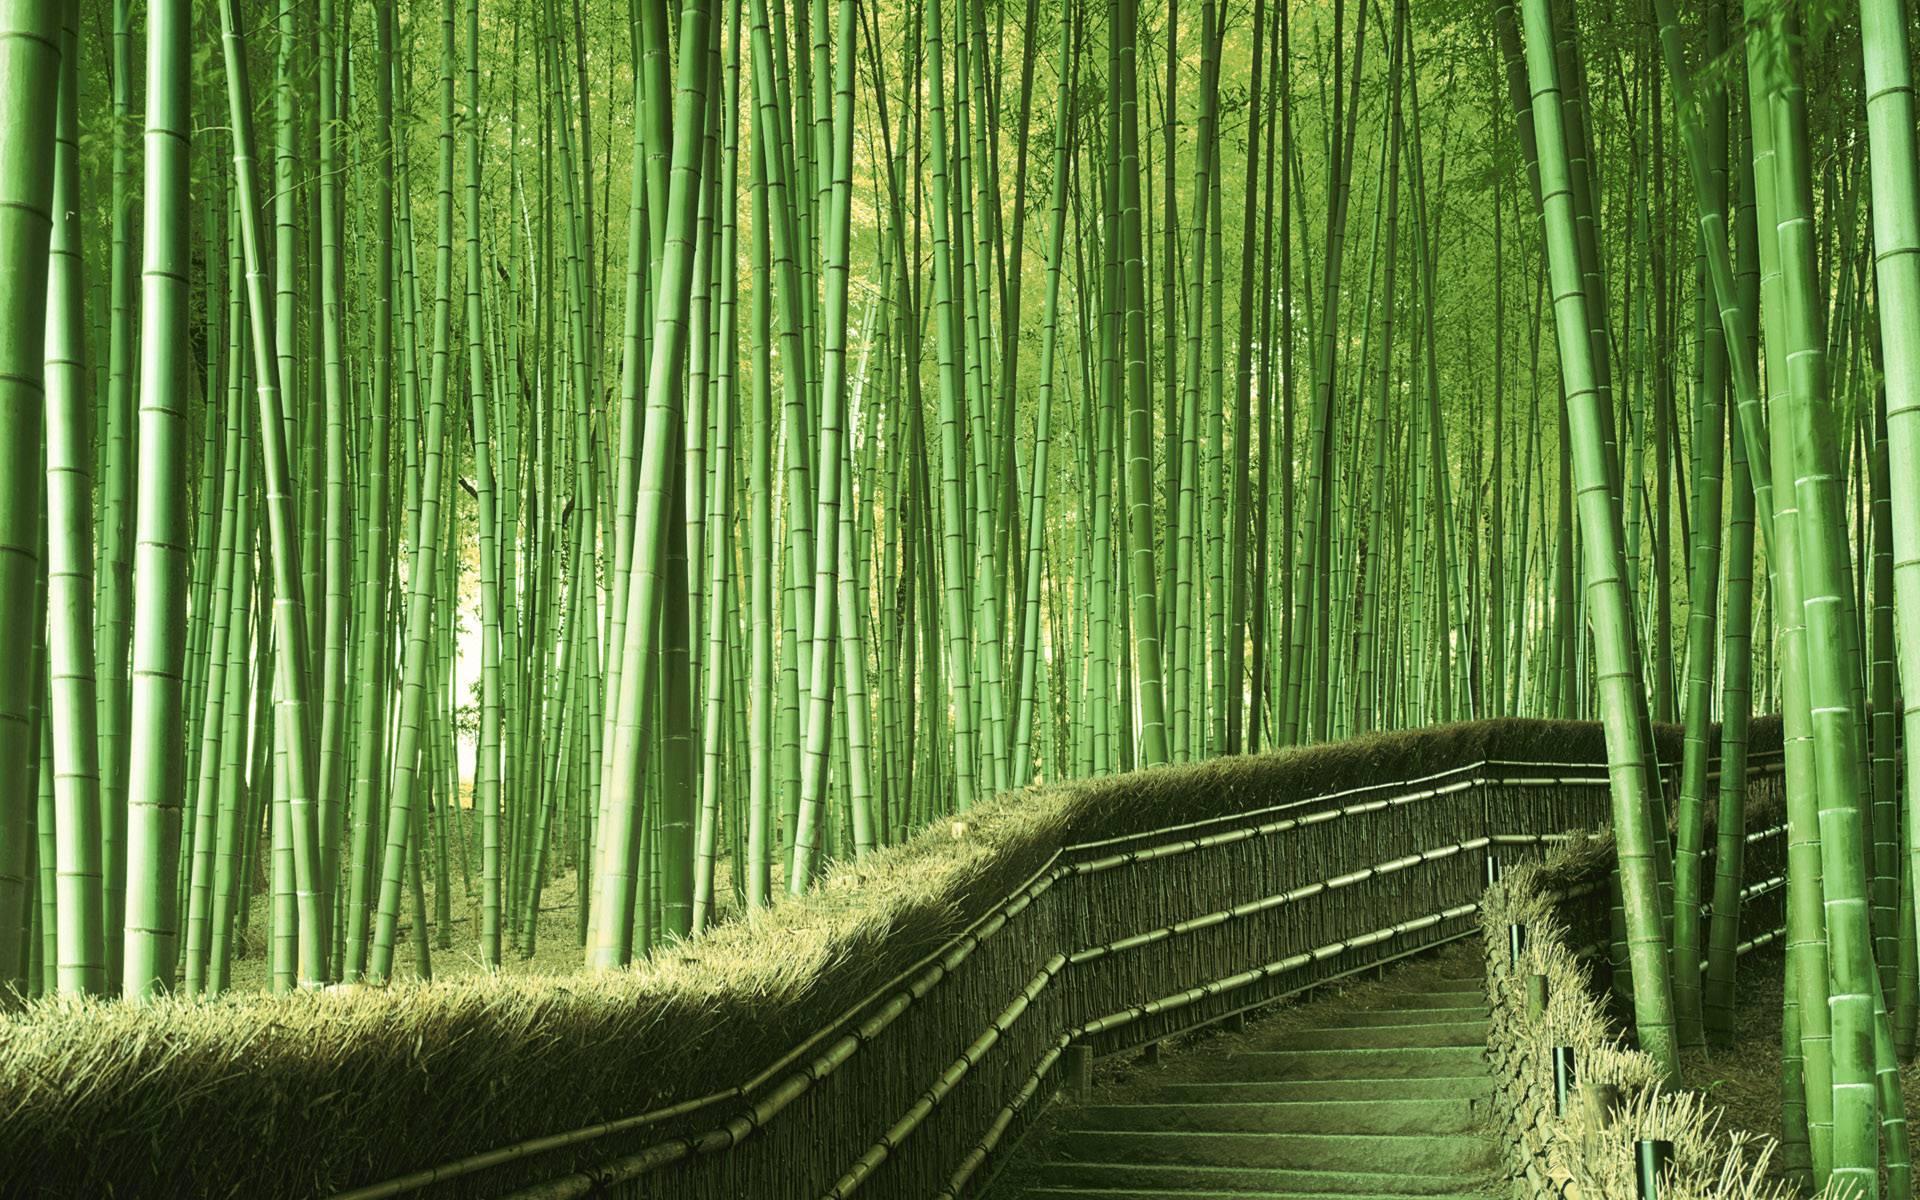 Bamboo-Kyoto-6